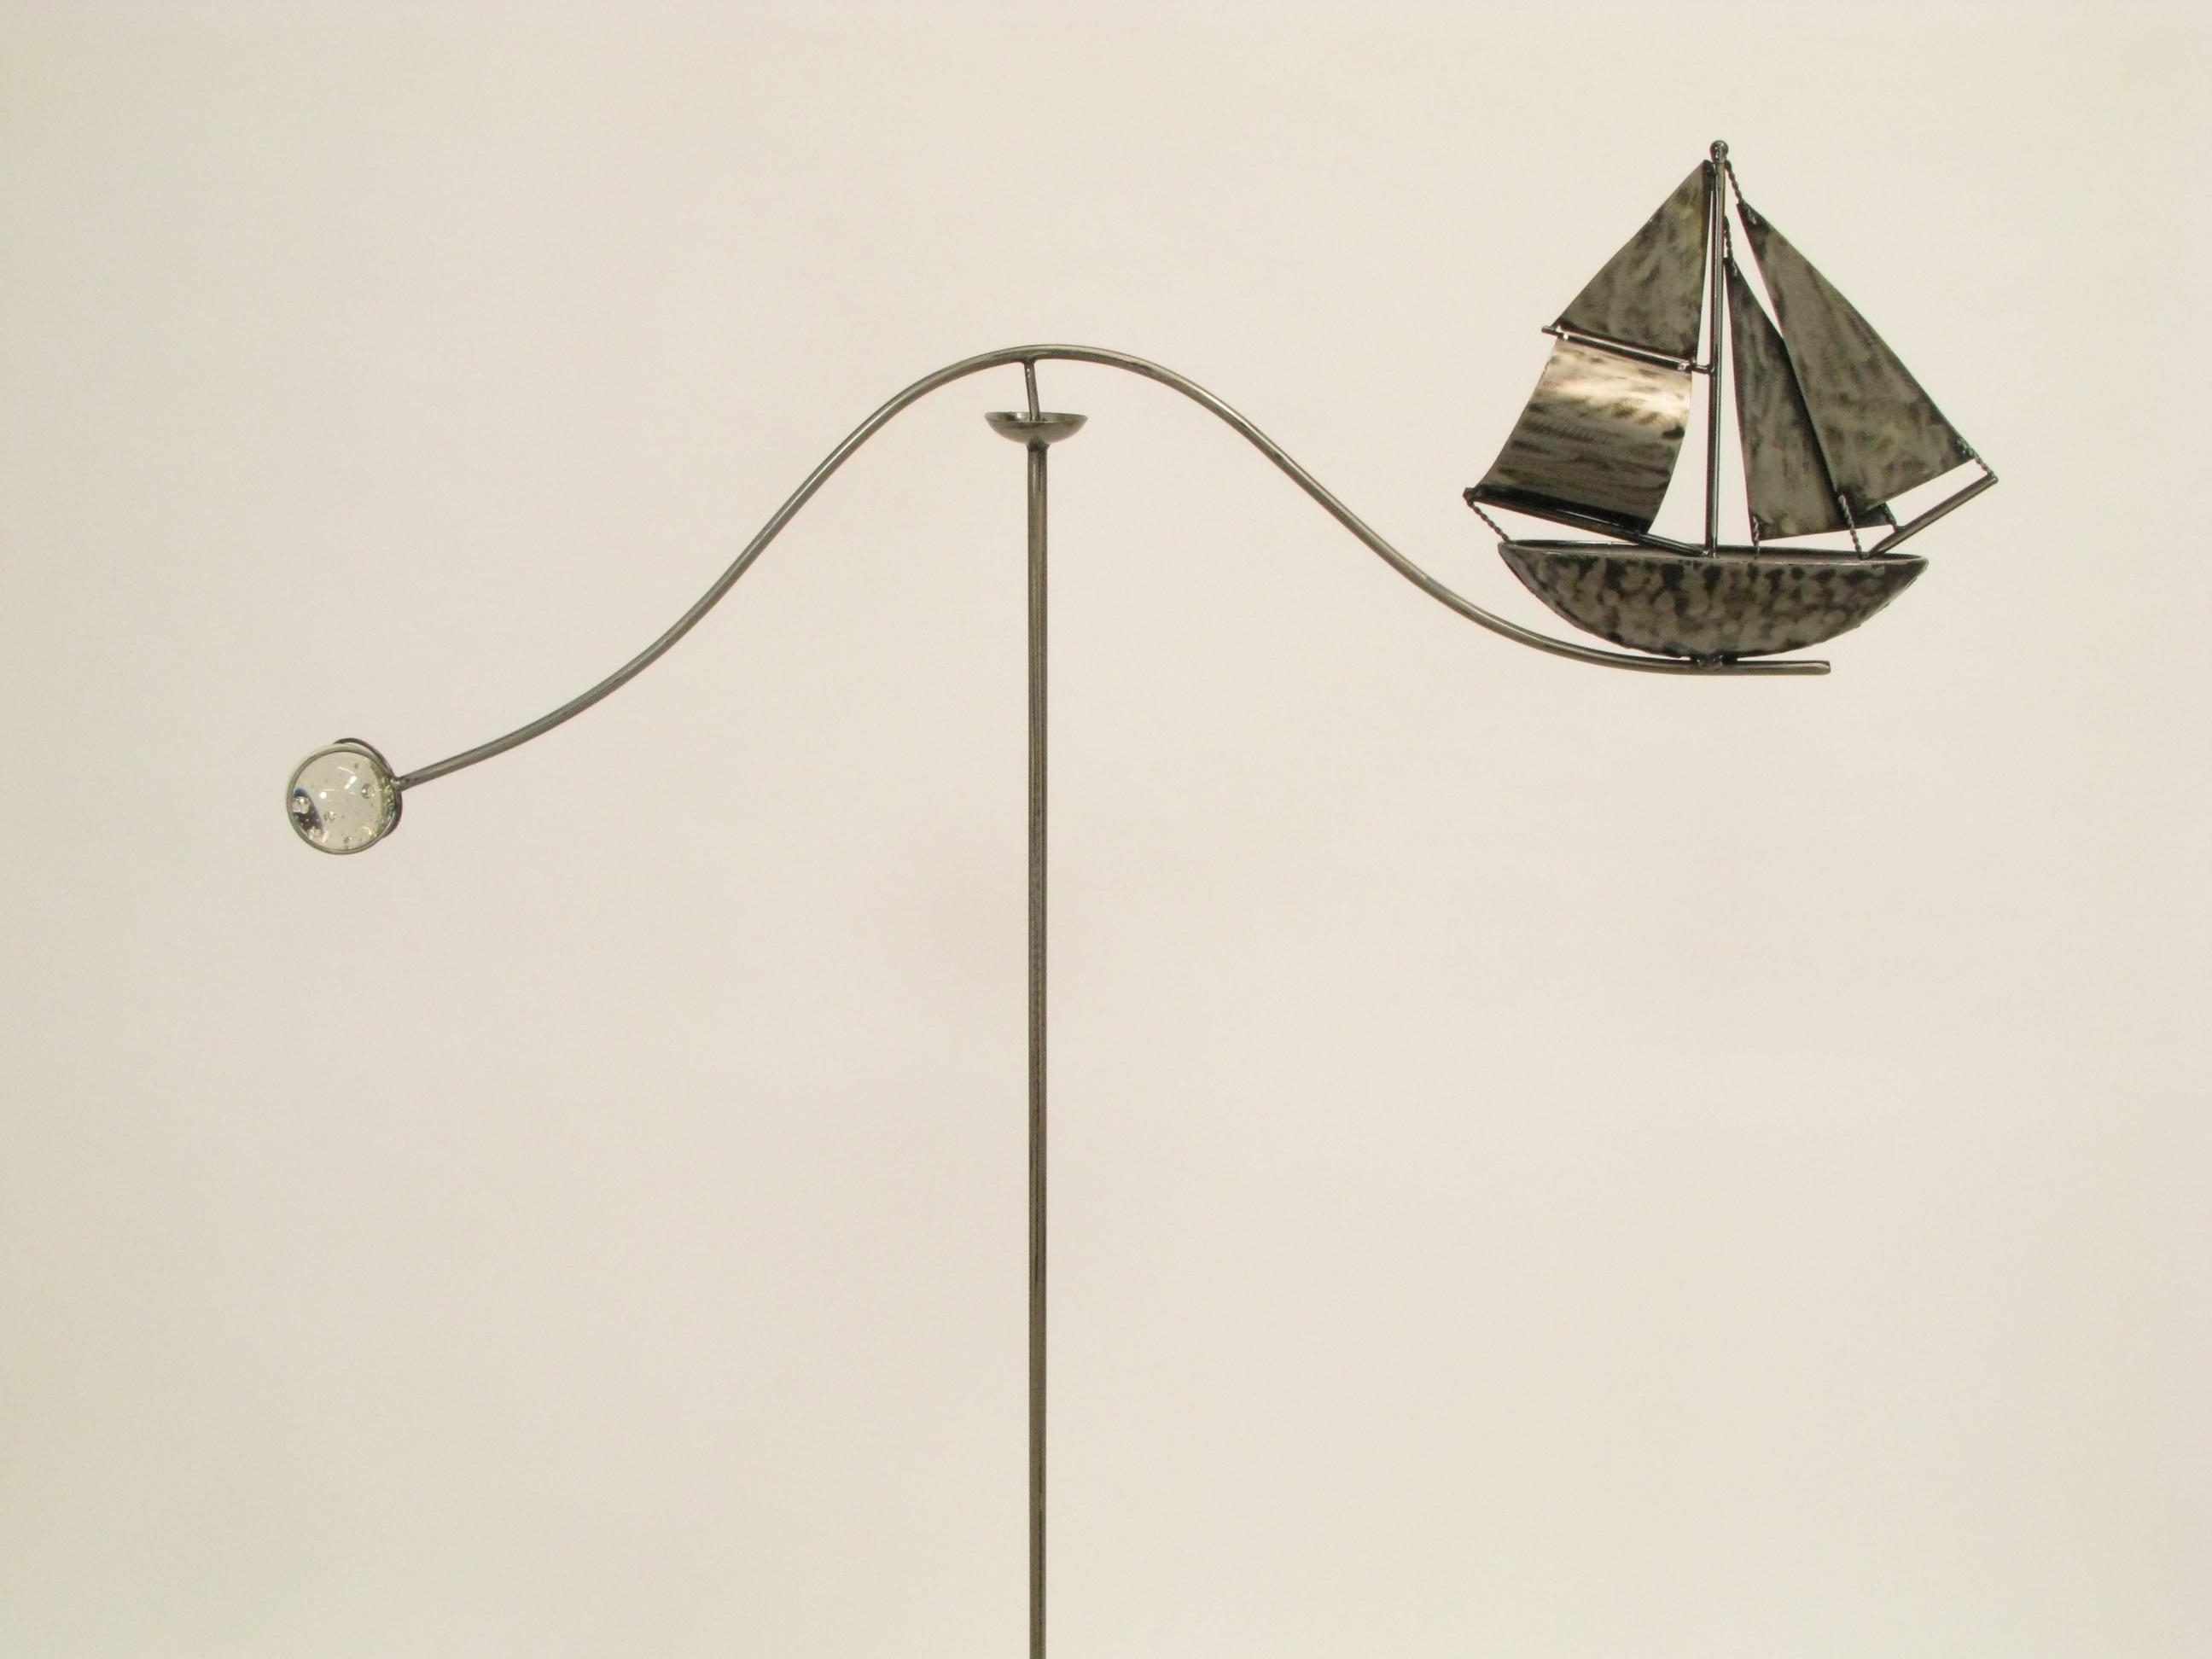 Windspiel gartenstecker schiff skipper gr eres metall for Gartenstecker metall